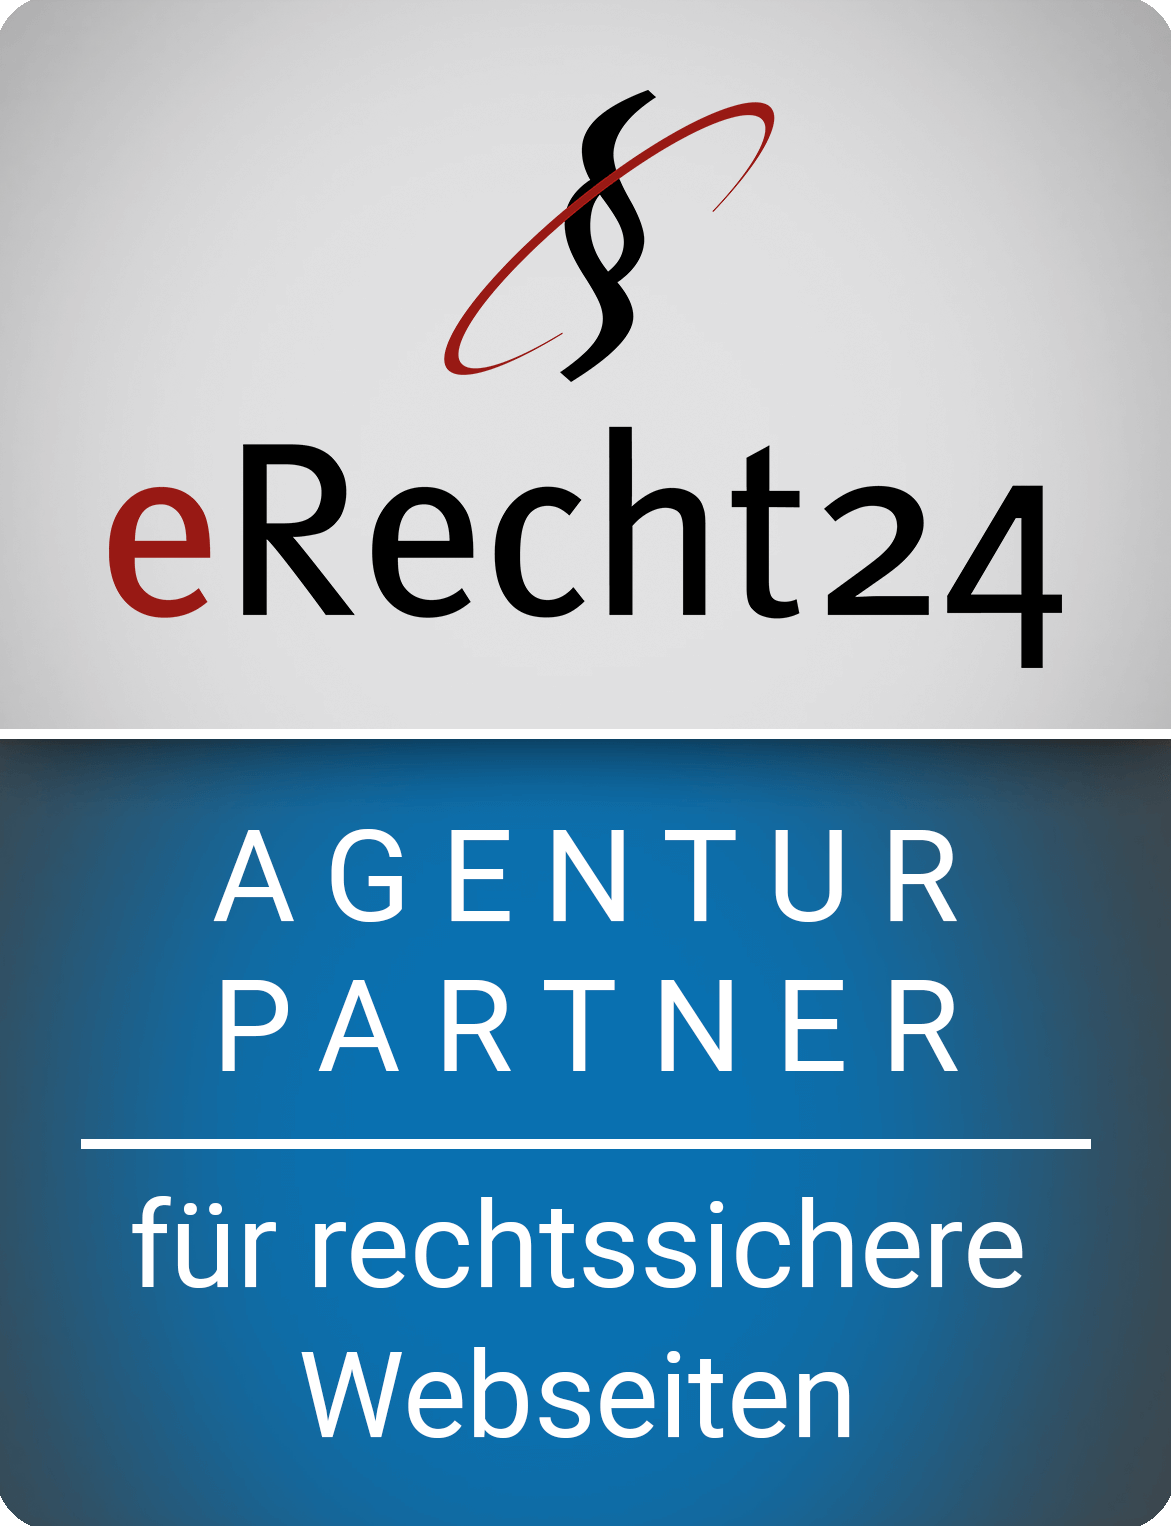 eRech24 - Agentur Partner für rechtssichere Webseiten